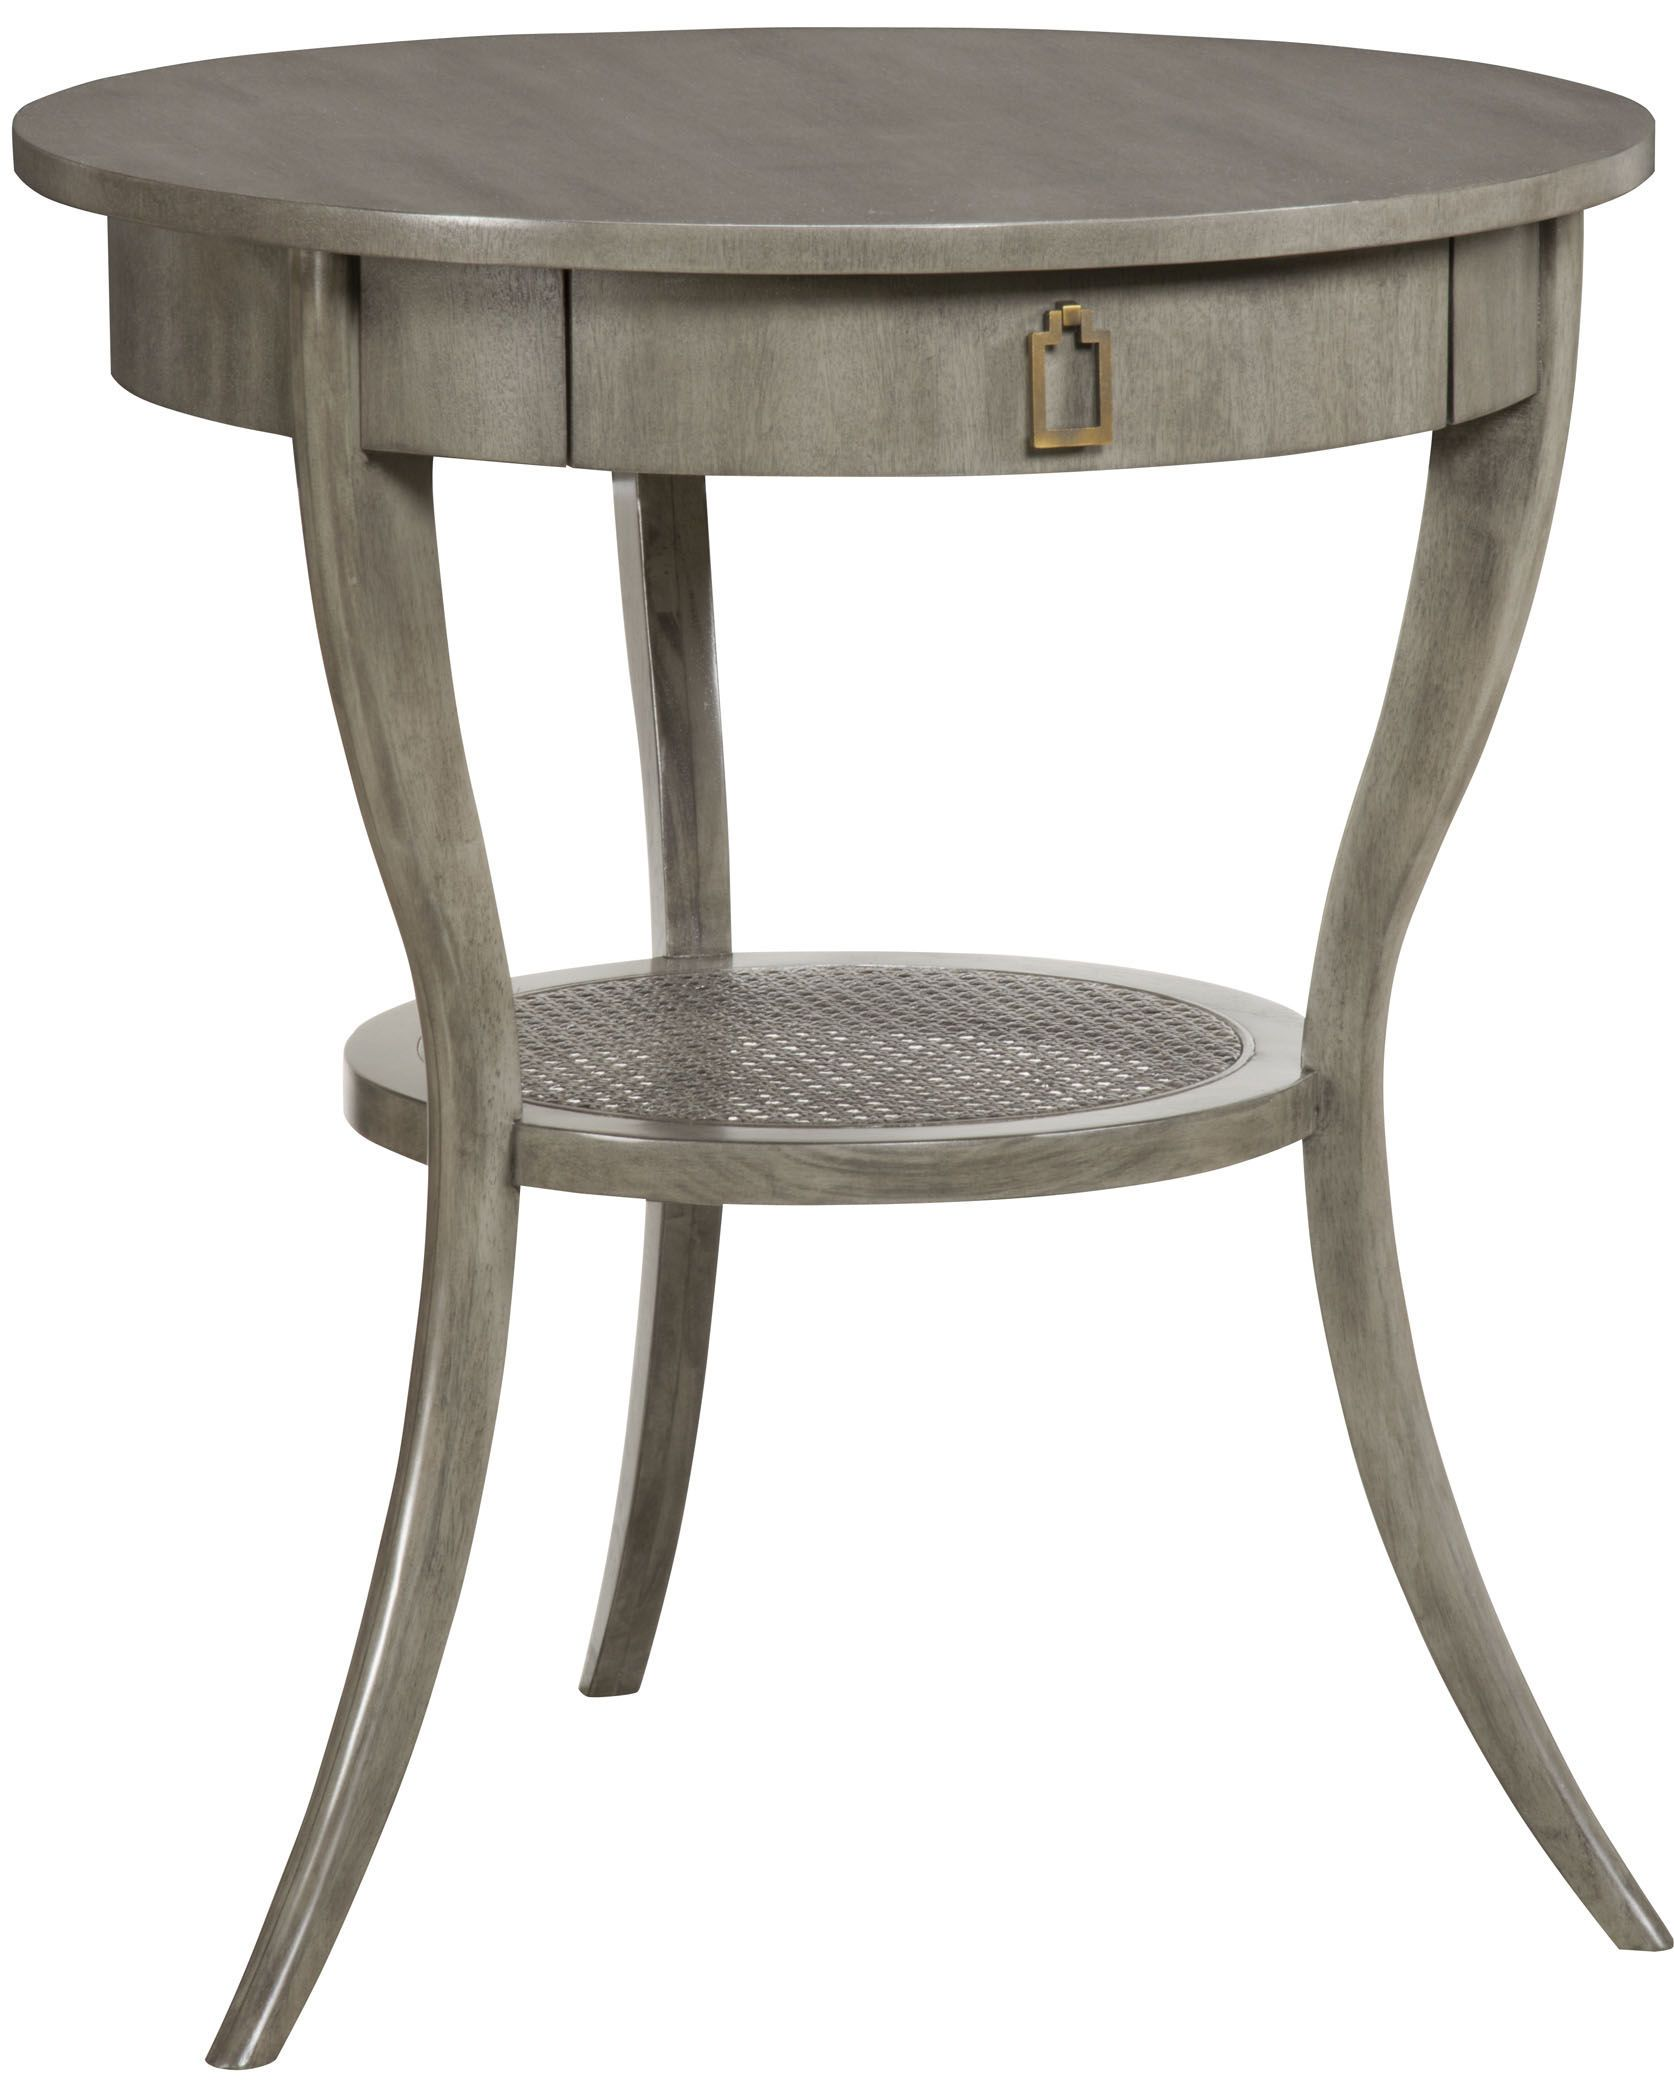 Charmant Vanguard Living Room Miranda Lamp Table C304L   Vanguard Furniture   Conover,  NC